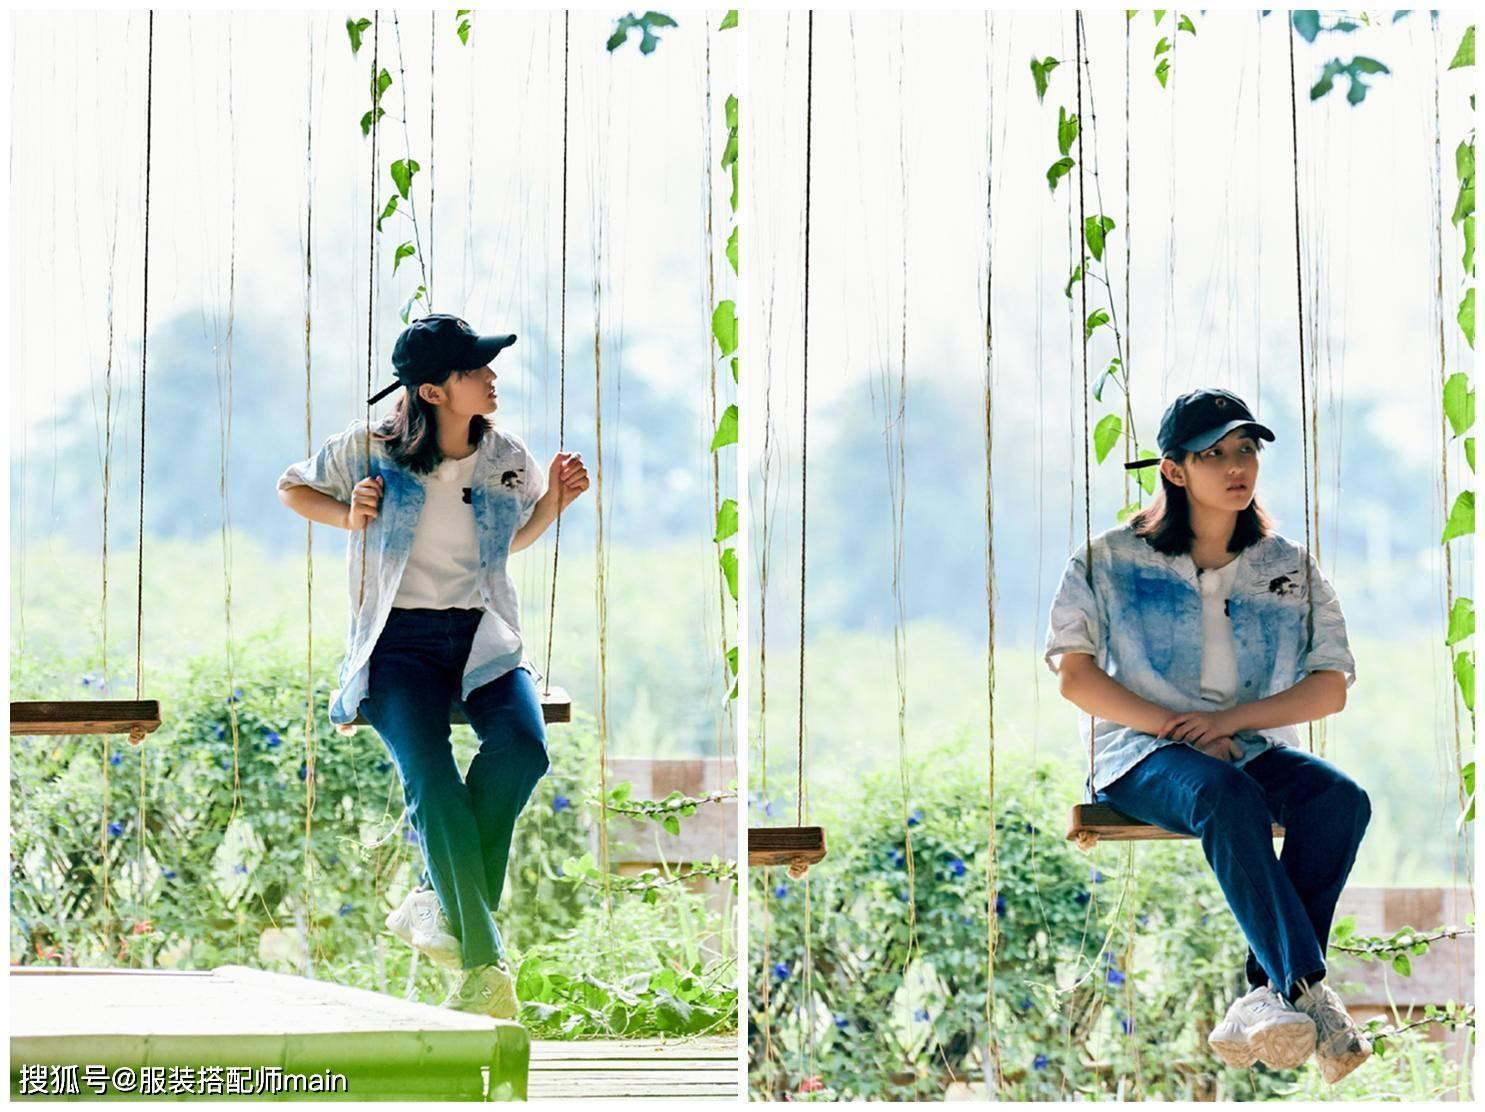 19岁张子枫不扮成熟不装可爱,造型简单自然,穿出最舒服的高级感